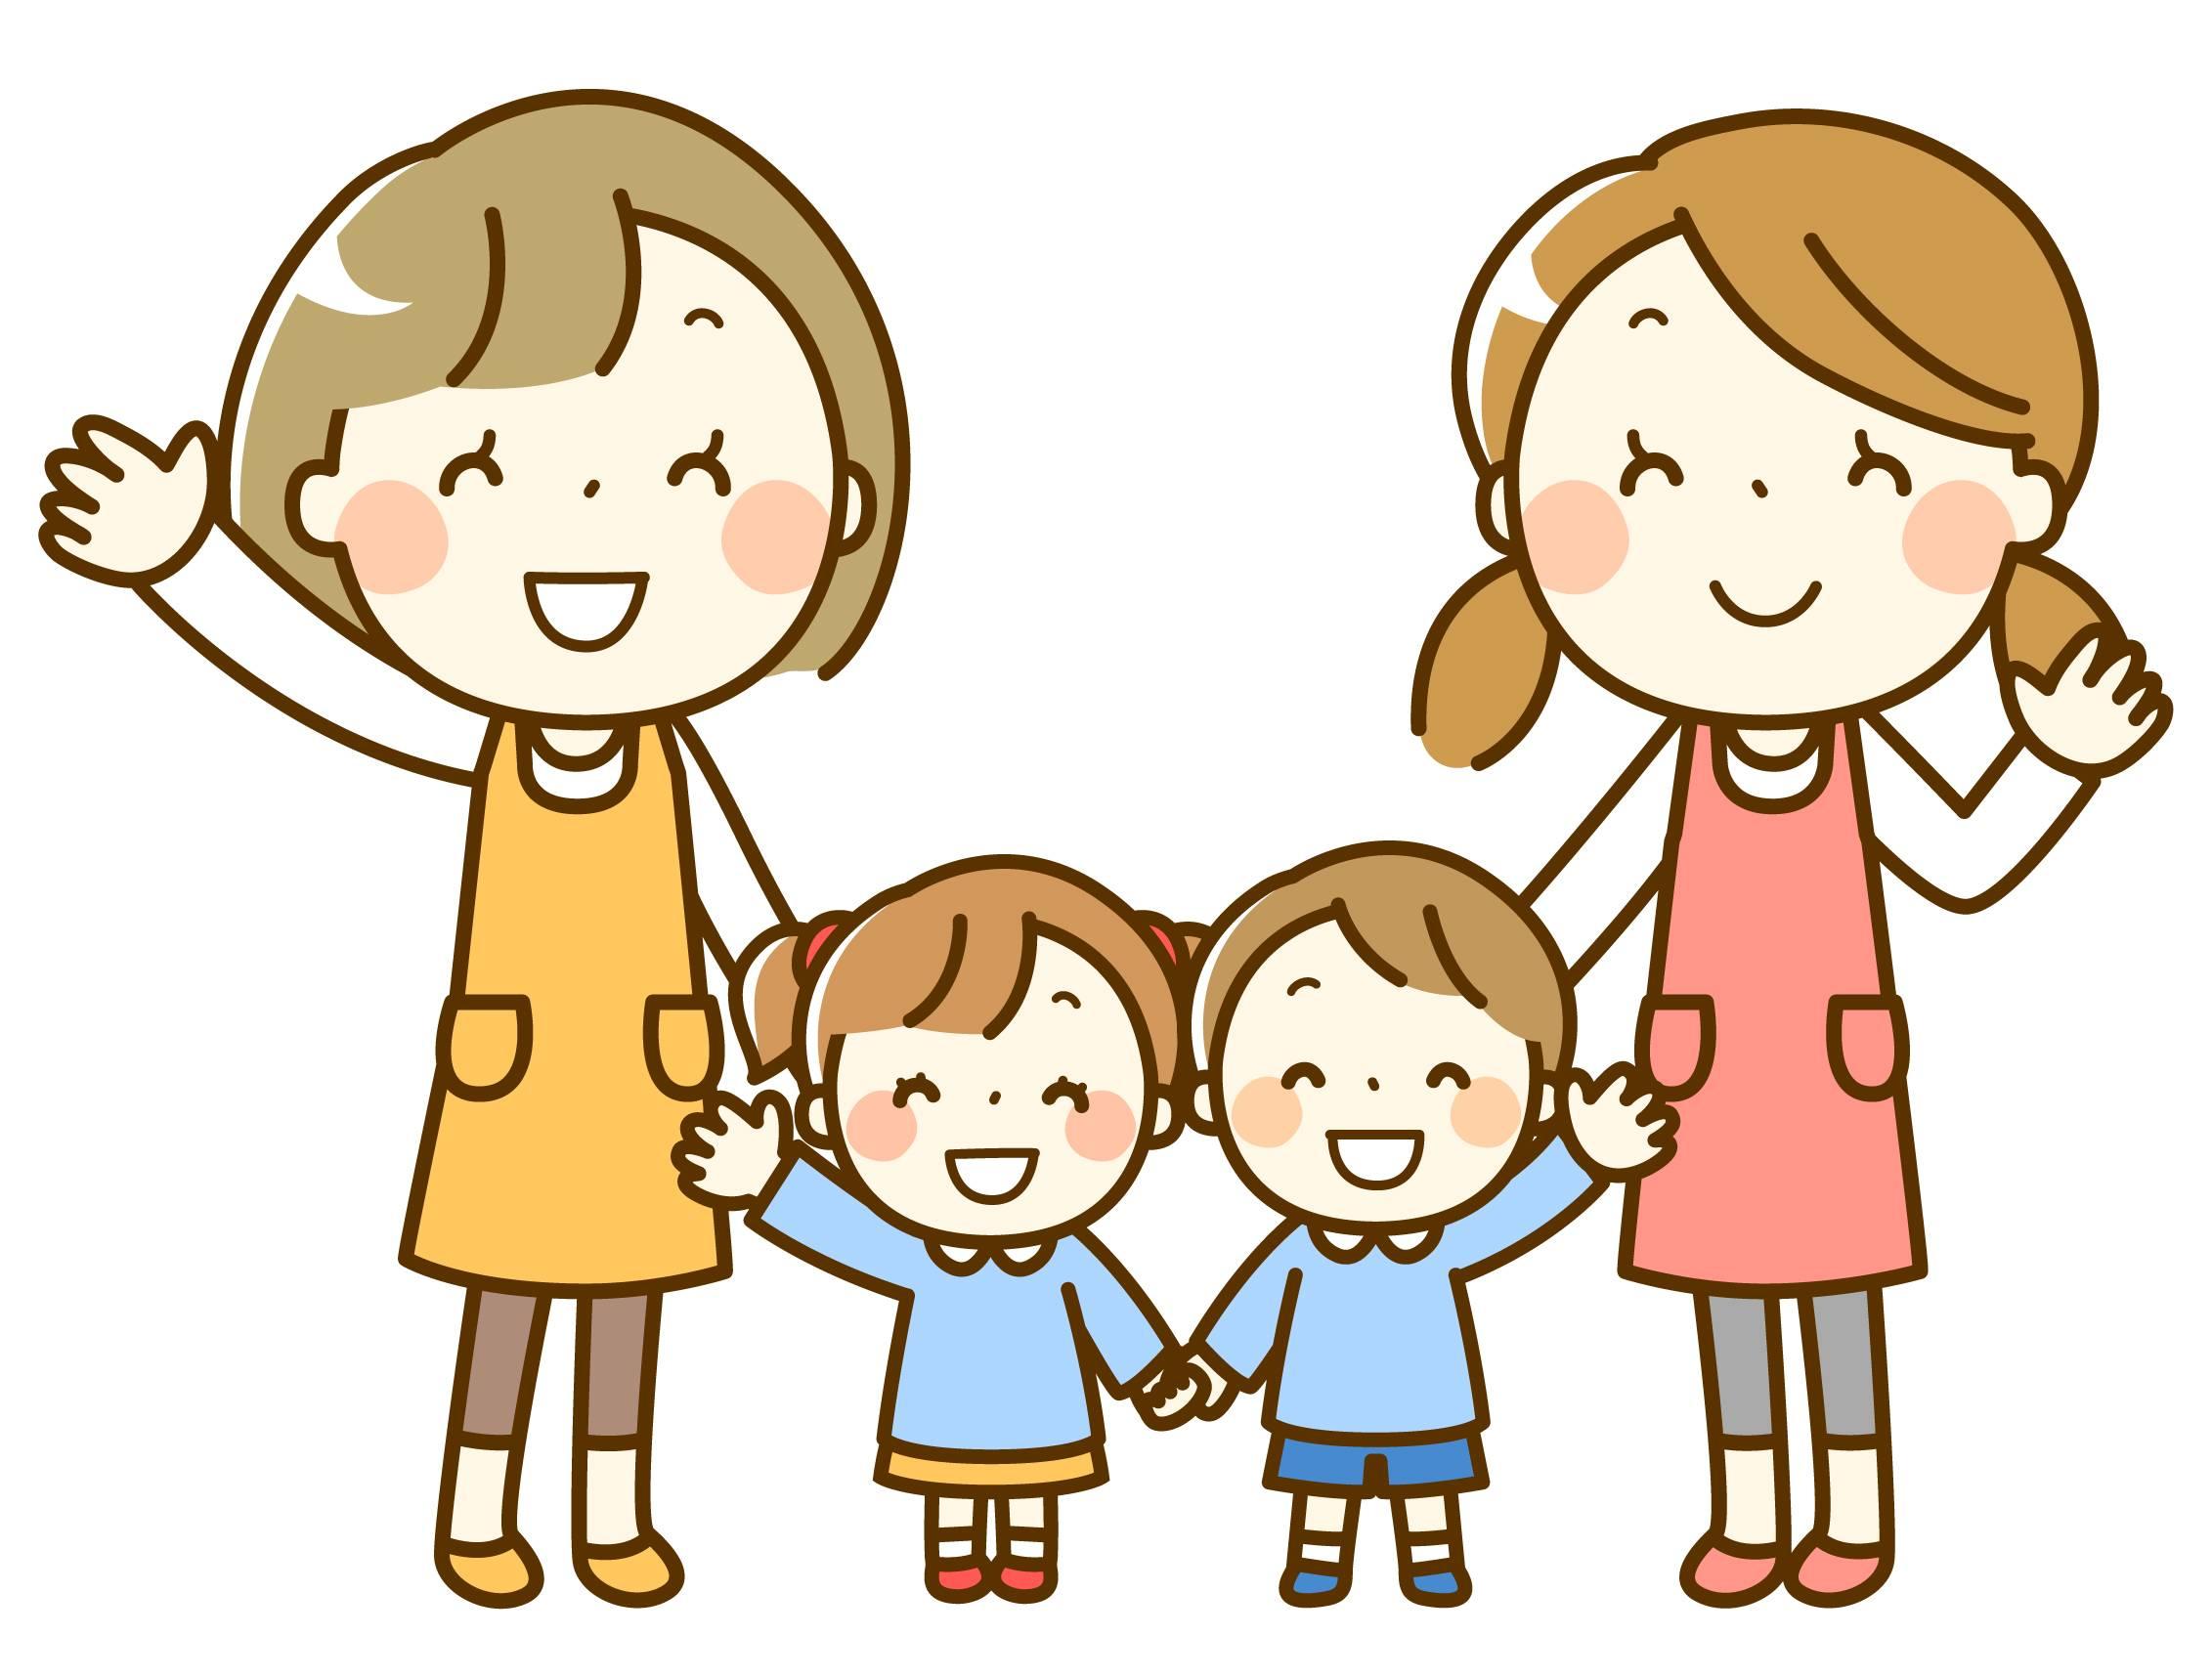 浦安市役所 健康こども部 保育幼稚園課